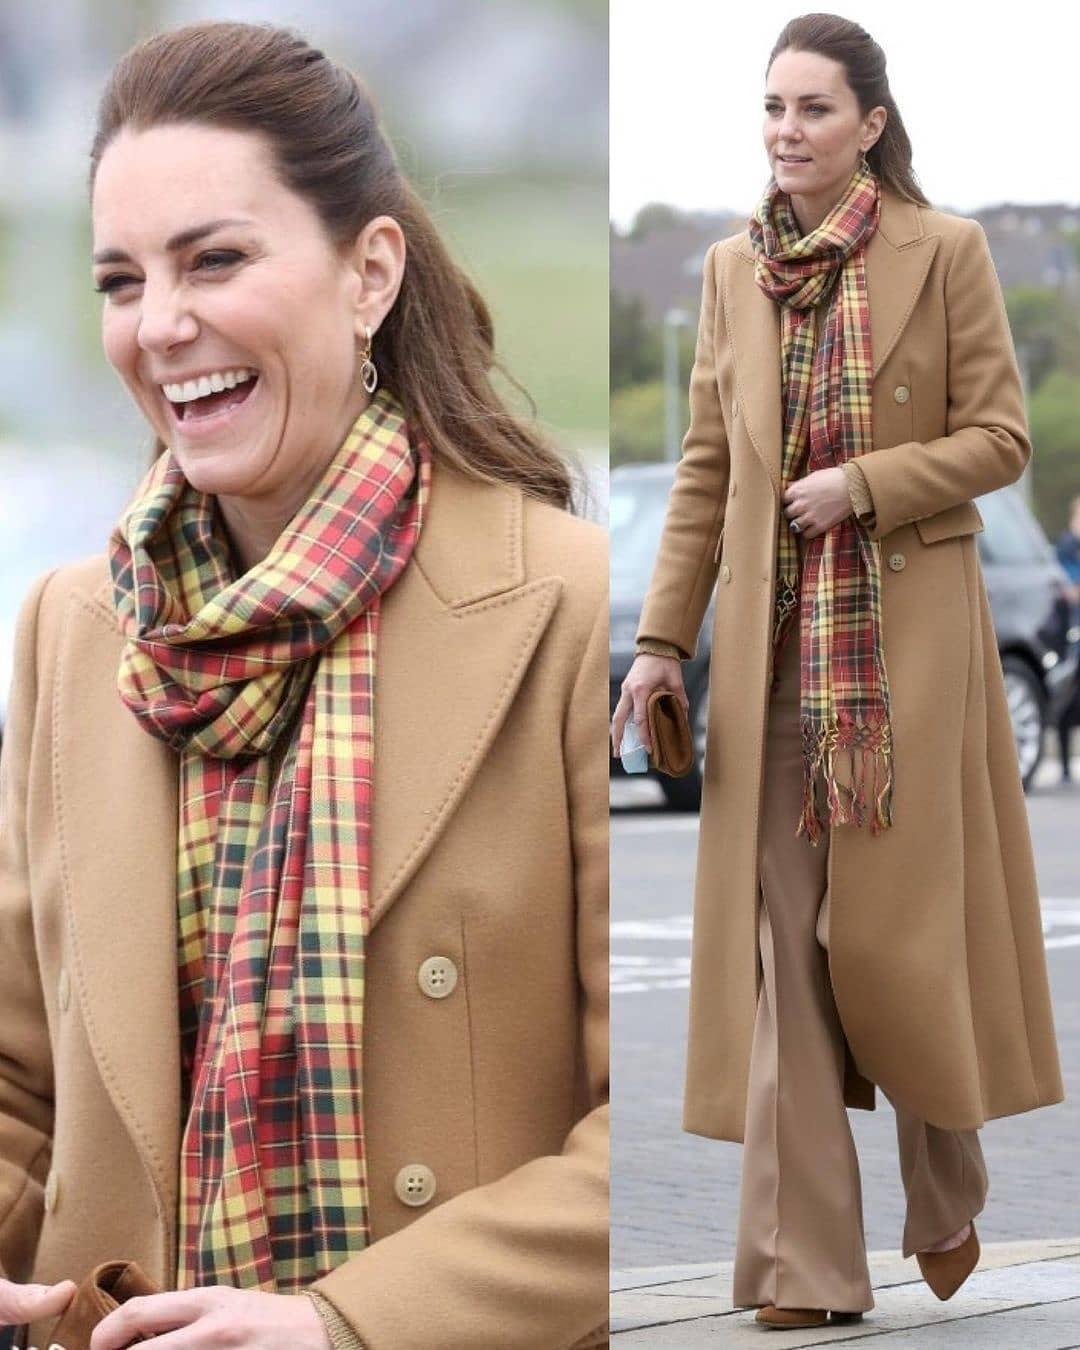 Карамельное пальто и клетчатый шарф: Кейт Миддлтон показала стильный наряд во время рабочей поездки (ФОТО) - фото №1